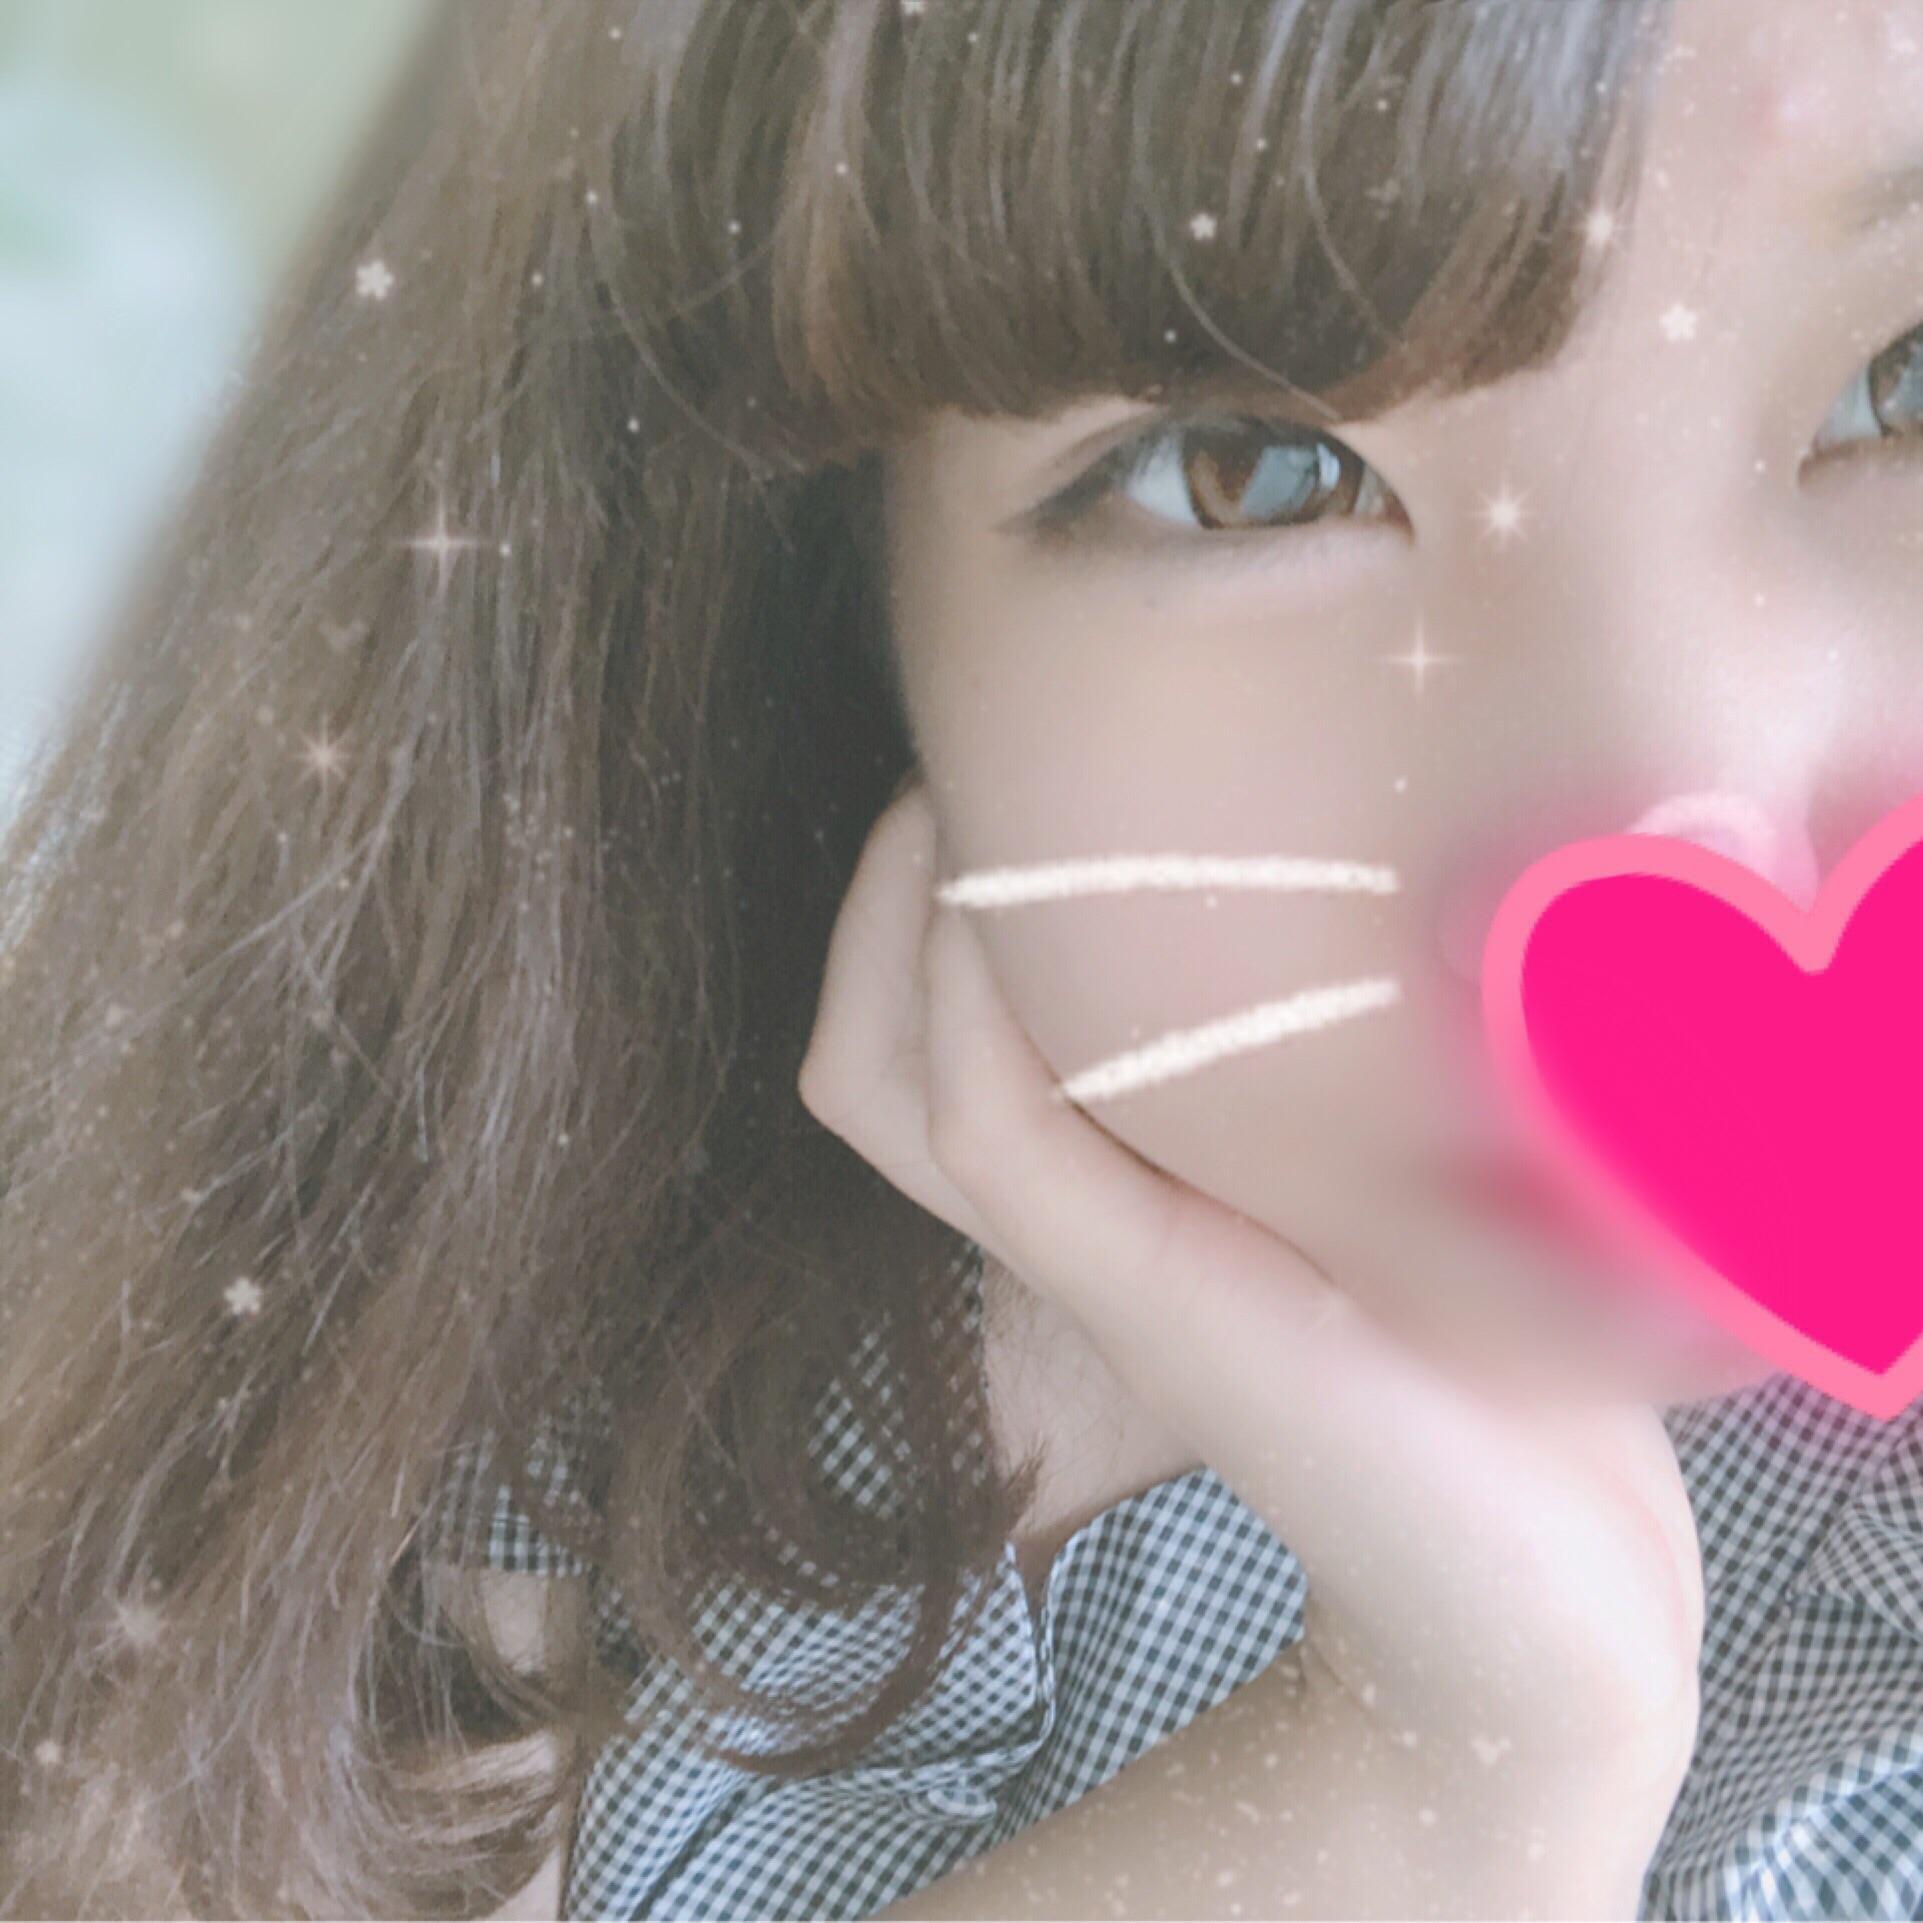 「こんにちはっ!!」08/08(水) 15:01 | ゆうりの写メ・風俗動画